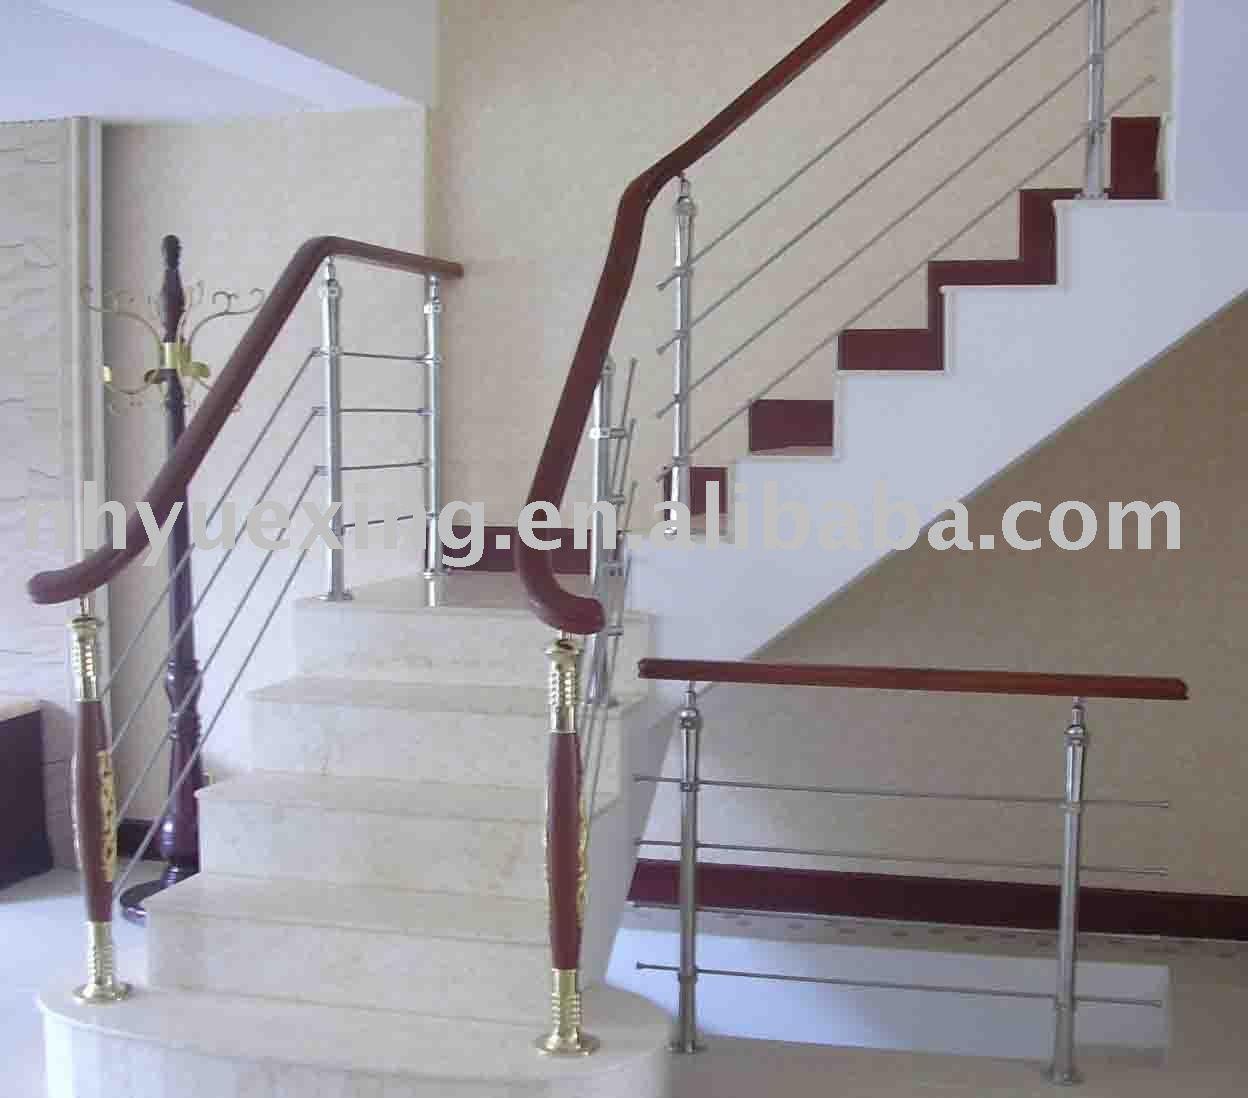 int rieur en bois escalier main courante escaliers id du produit 226769159. Black Bedroom Furniture Sets. Home Design Ideas